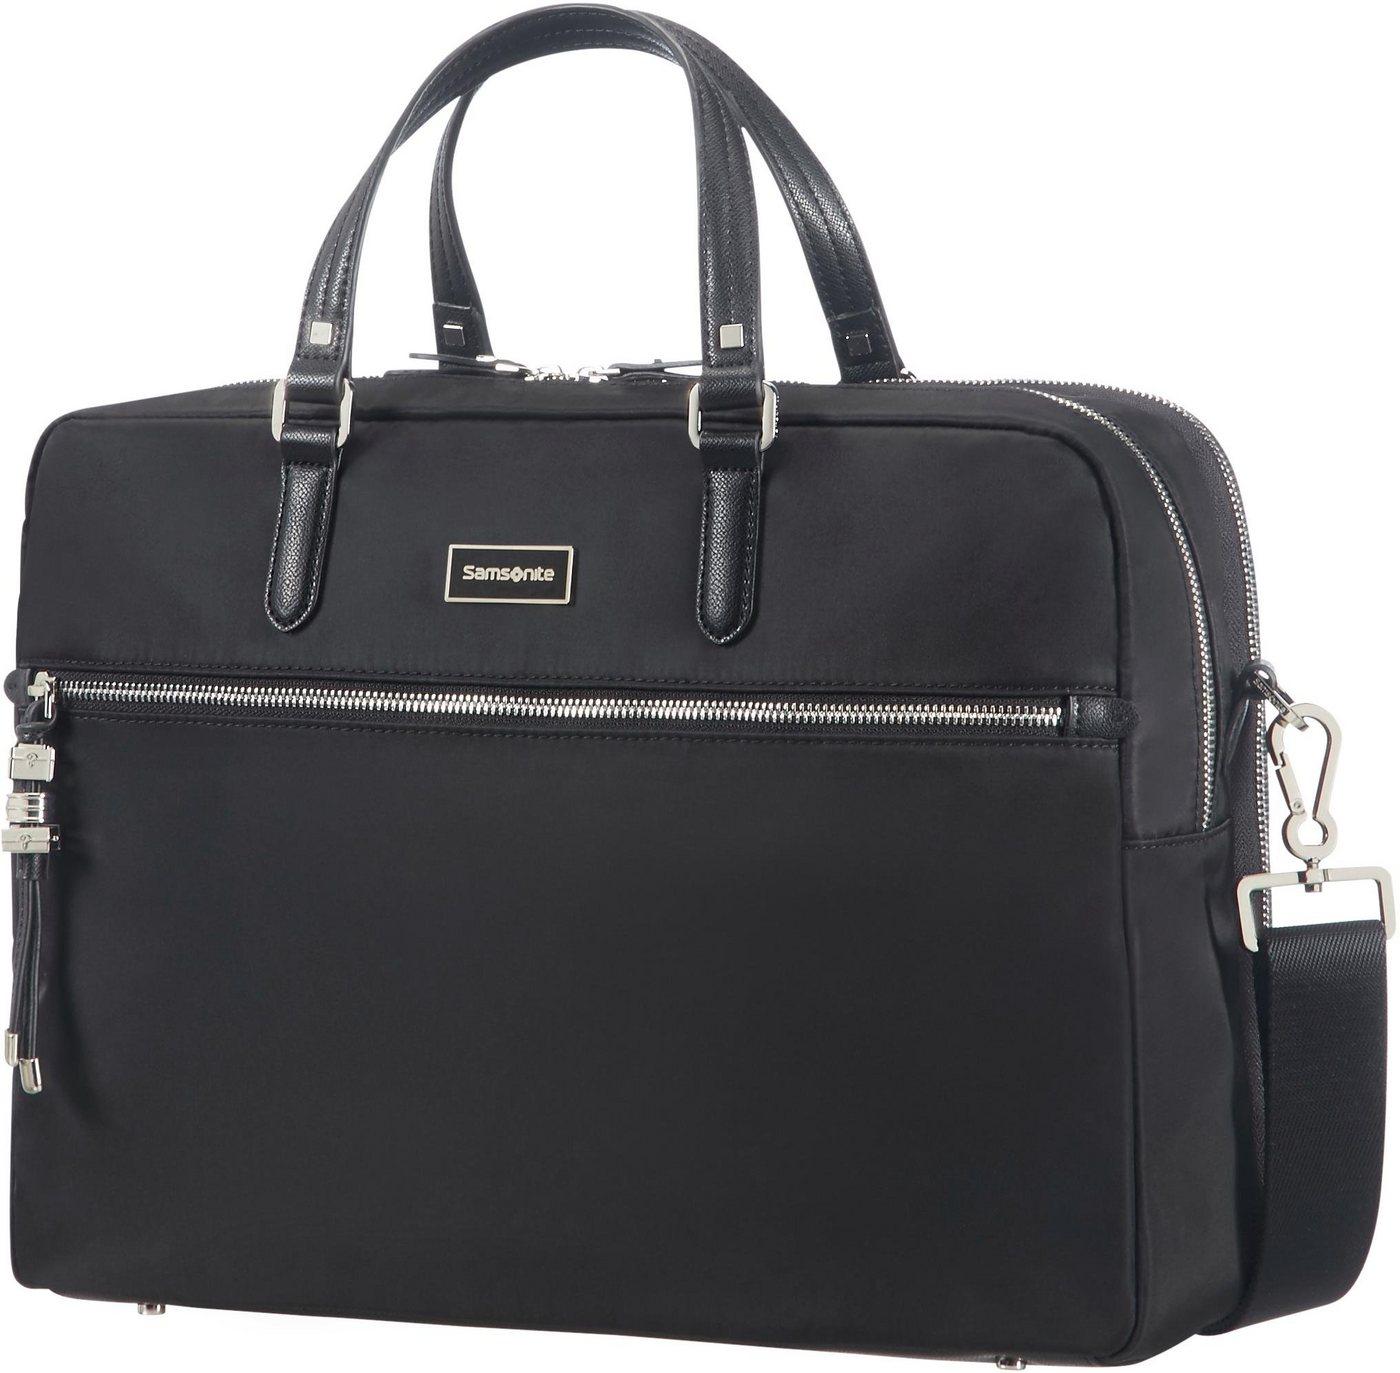 Samsonite Businesstasche »Karissa Biz, 2 Fächer«, mit 15,6-Zoll Laptopfach   Taschen > Businesstaschen > Aktentaschen   Schwarz   Samsonite